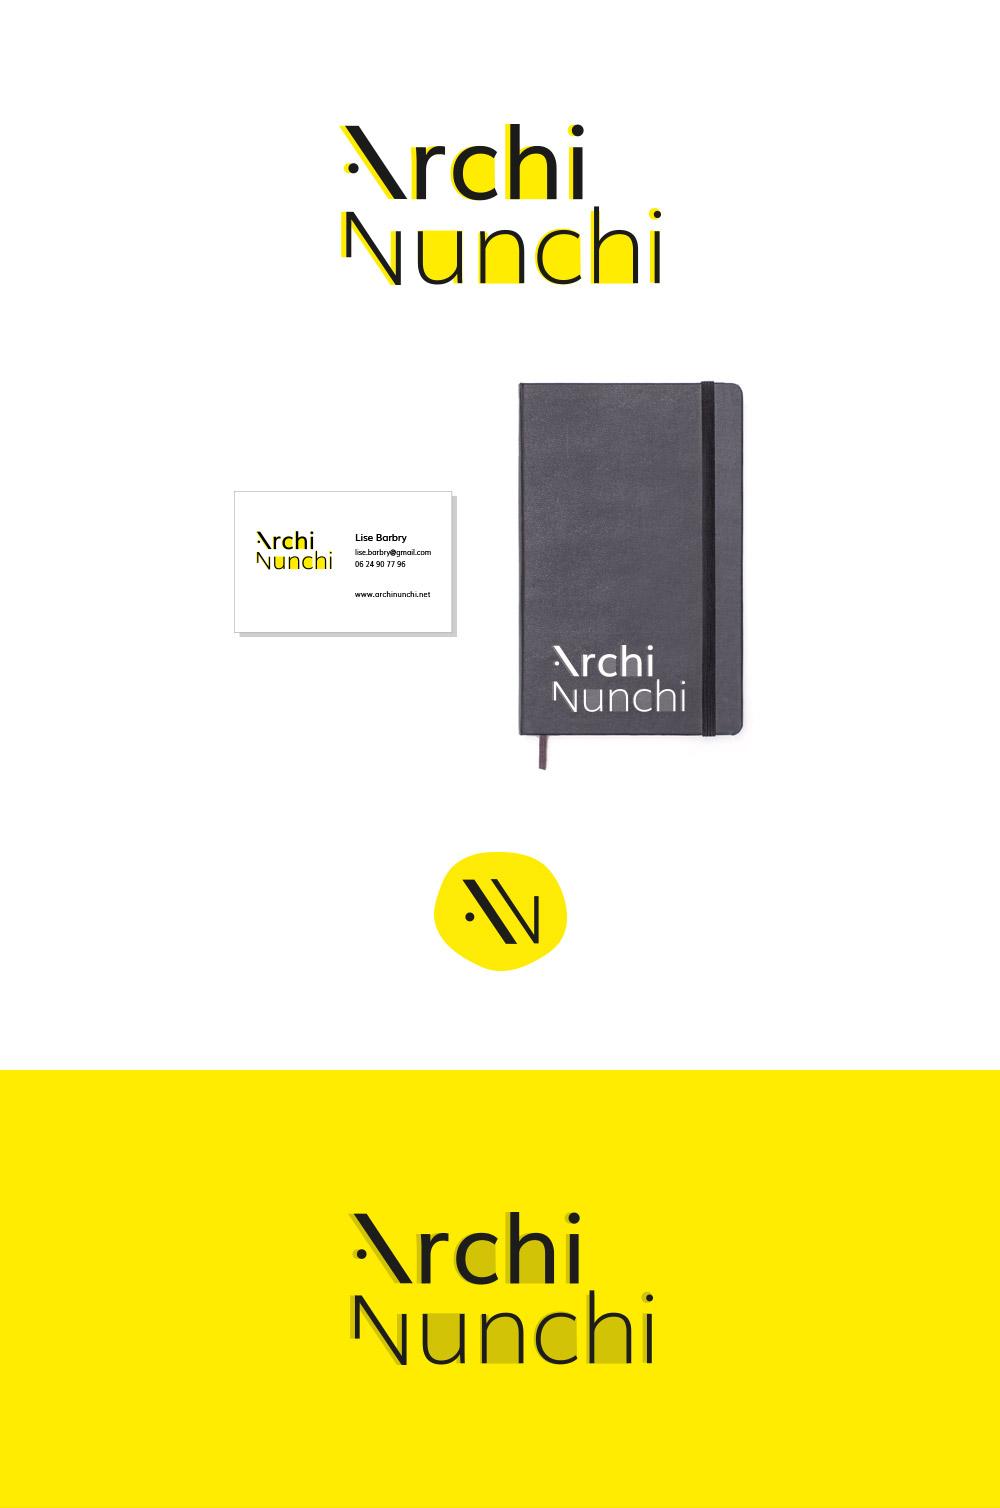 Création logo architecte Lyon